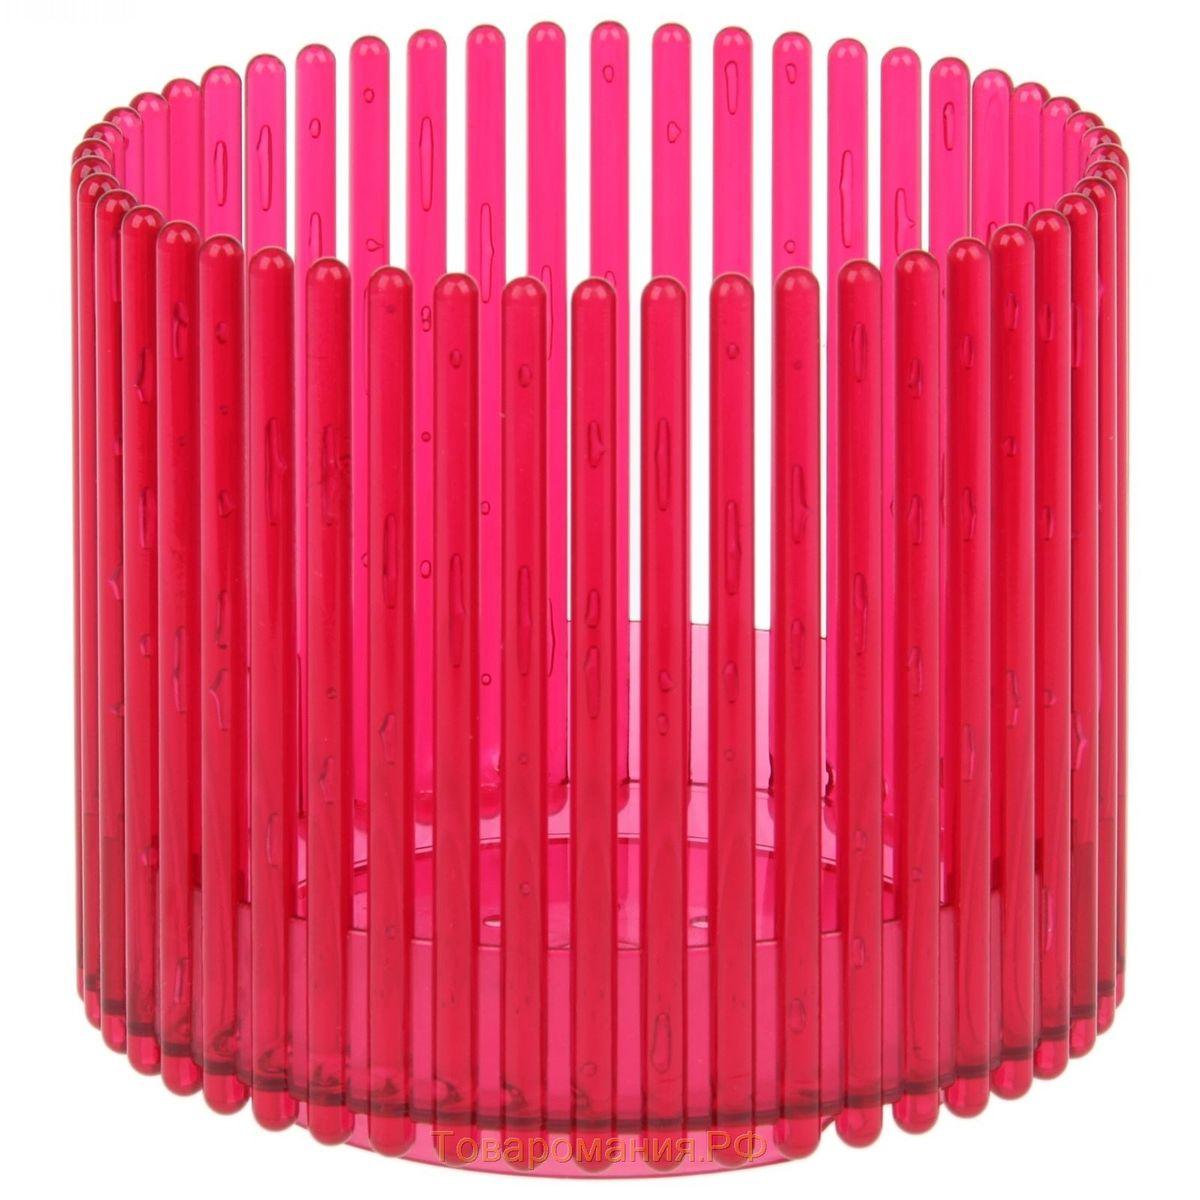 Кашпо JetPlast Шарм, цвет: красный, 14 x 12 см531-102Кашпо Шарм изготовлено из поликарбоната. Изделие имеет уникальную конструкцию: бортик в нижней части кашпо дает возможность создания у корней орхидеи благоприятную влажность, а сквозная конструкция стенок кашпо дает возможность беспрепятственному проникновению света на корни растения и их вентиляцию. Стильный яркий дизайн сделает такое кашпо отличным дополнением интерьера.